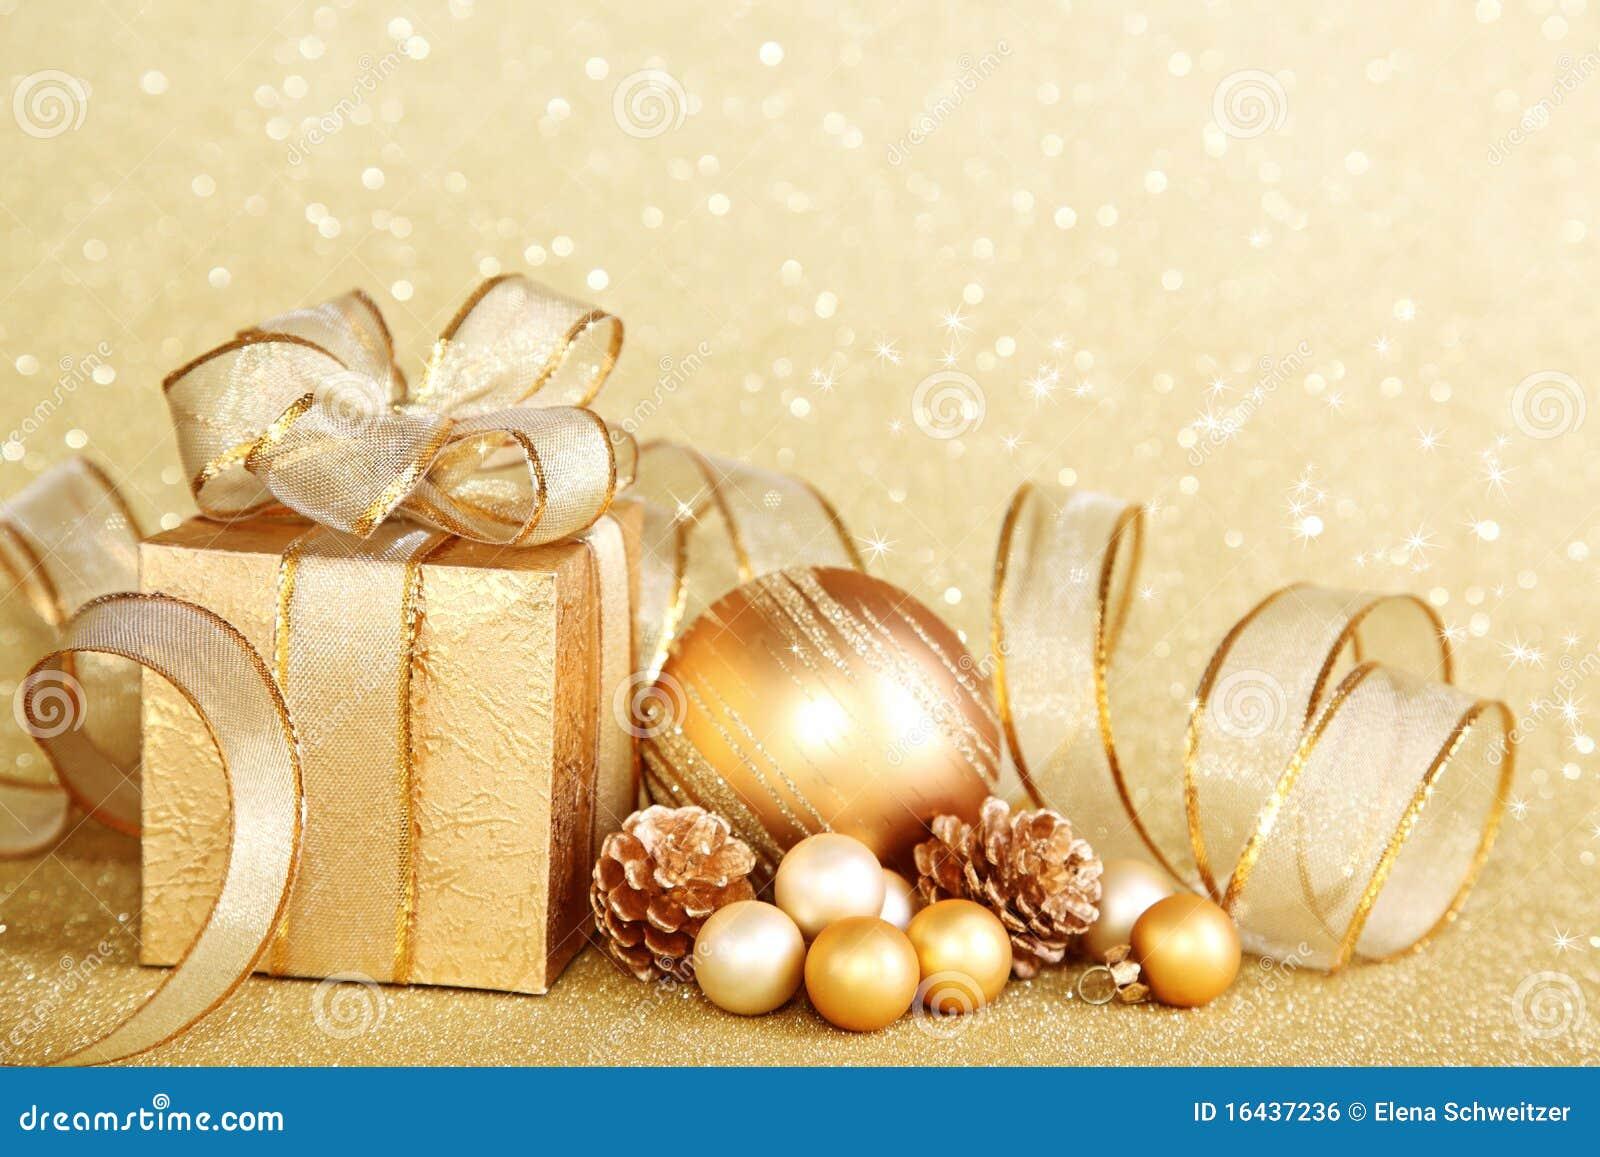 Christmas gift box with christmas ball